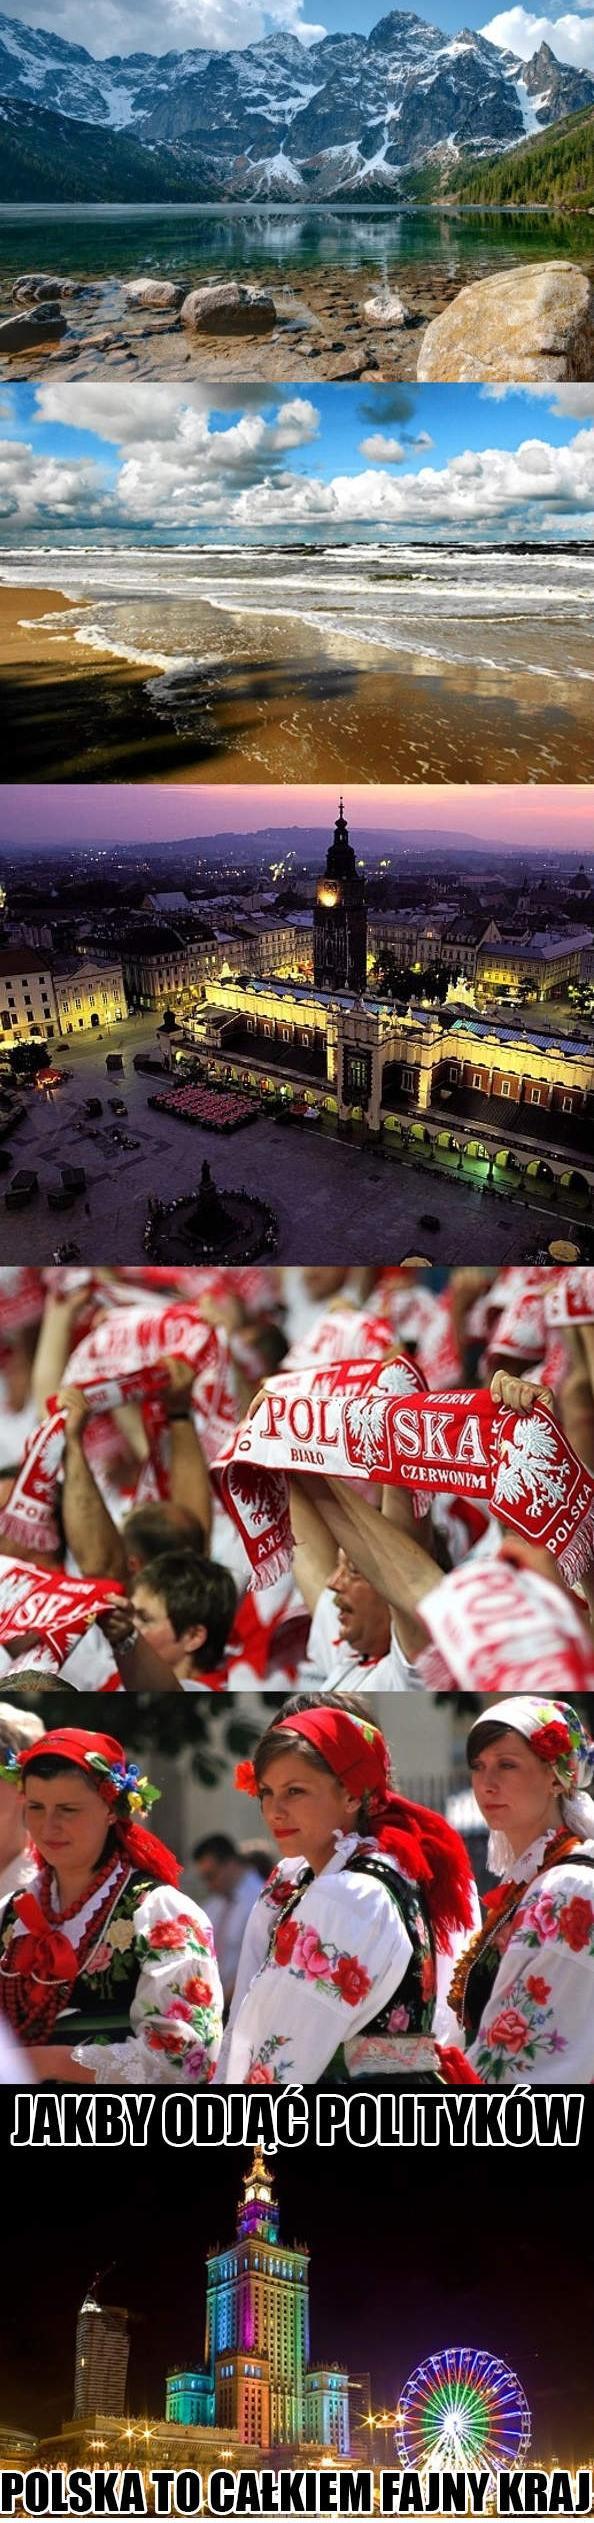 *** Polska - pocieszny kraj ***